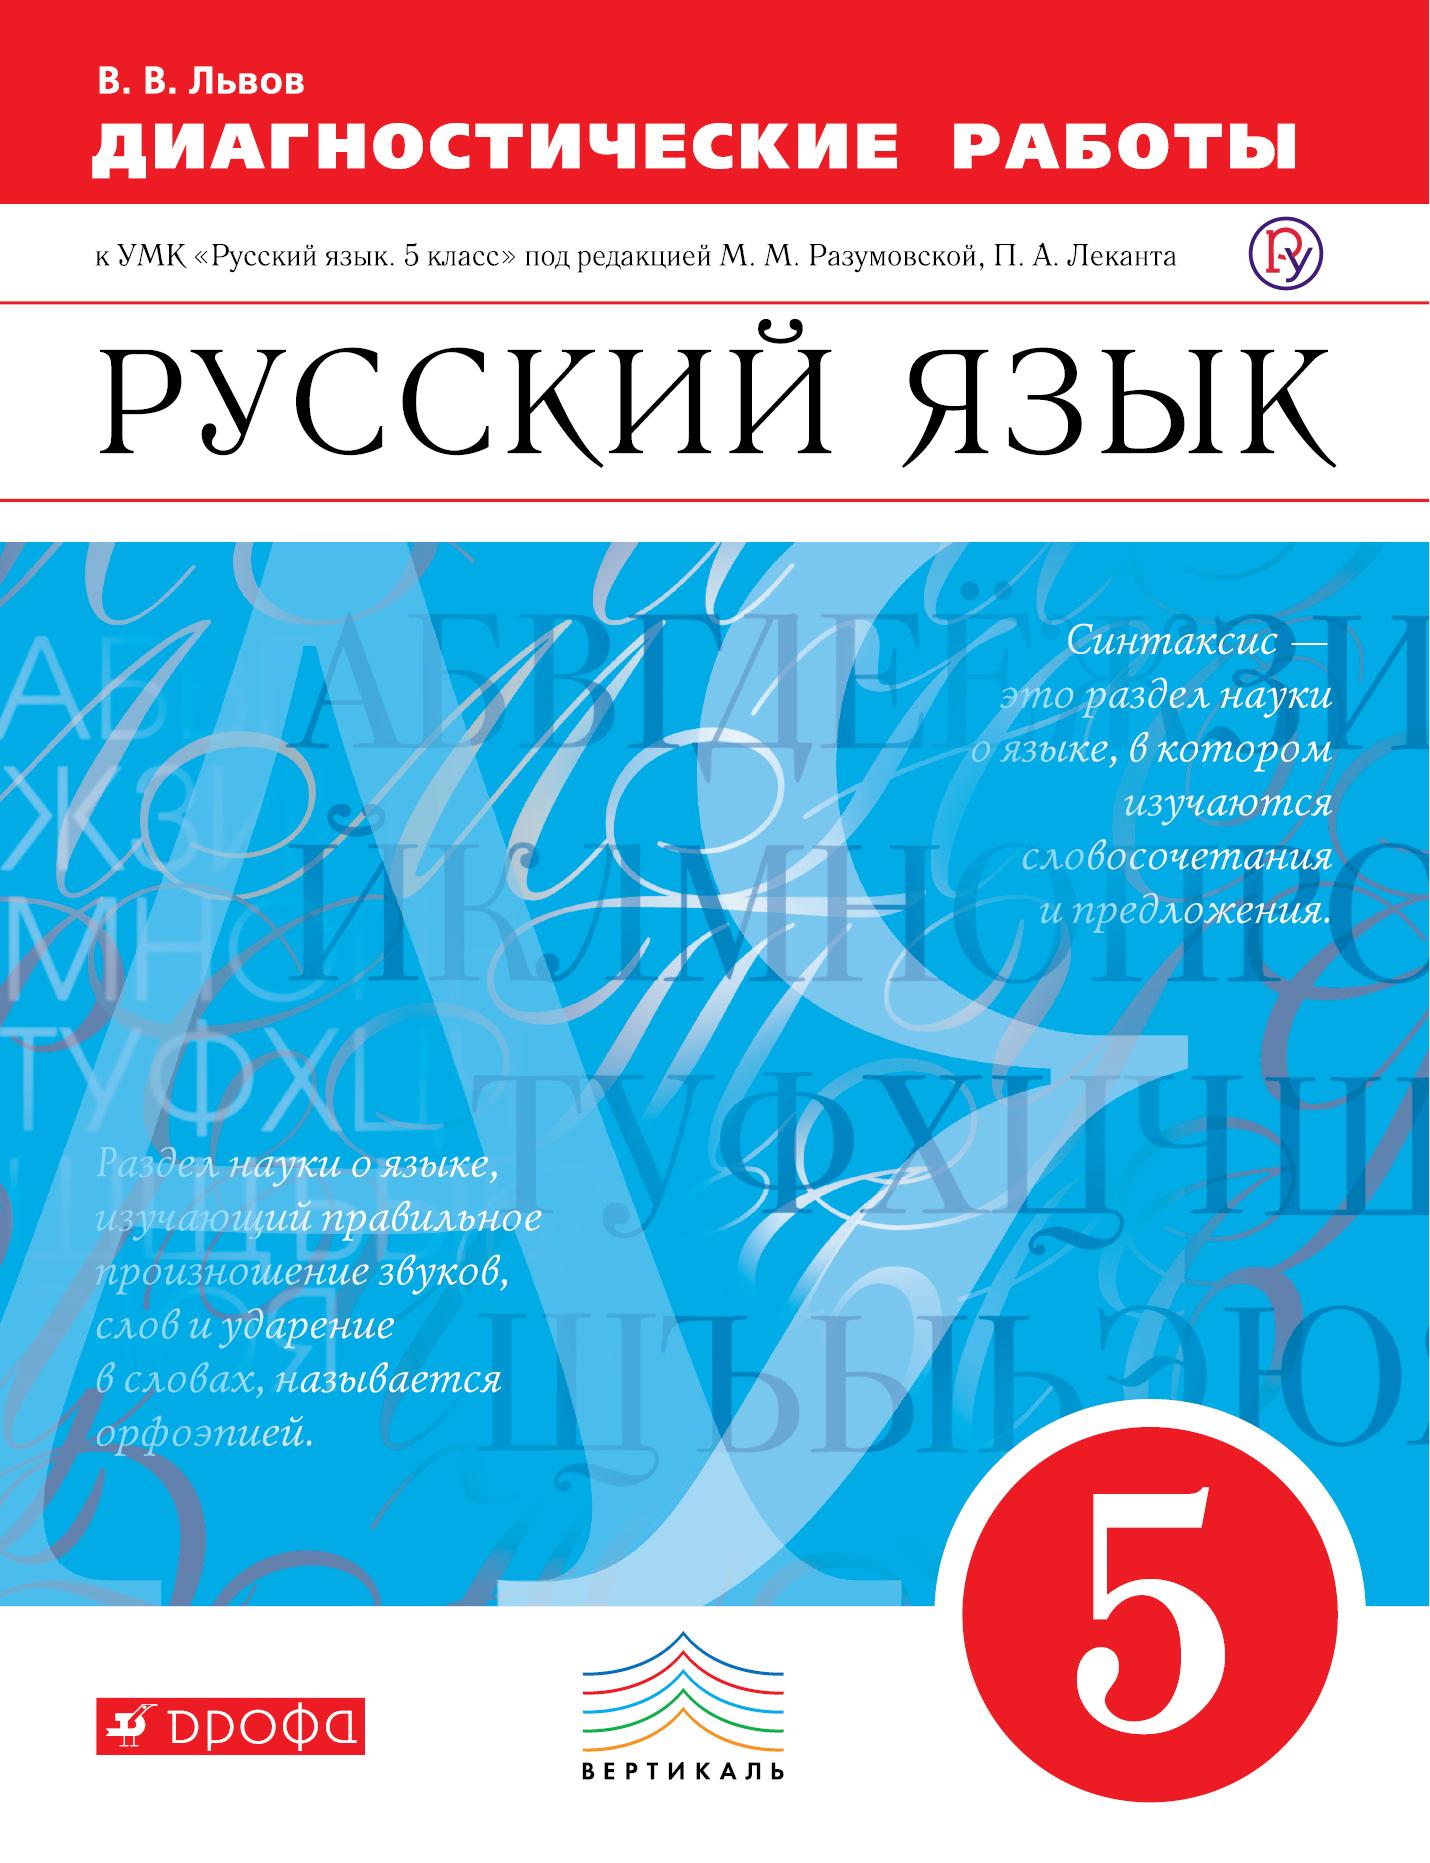 Русский язык Диагностика результатов образования 5 кл. ВЕРТИКАЛЬ (к уч. Разумовской)